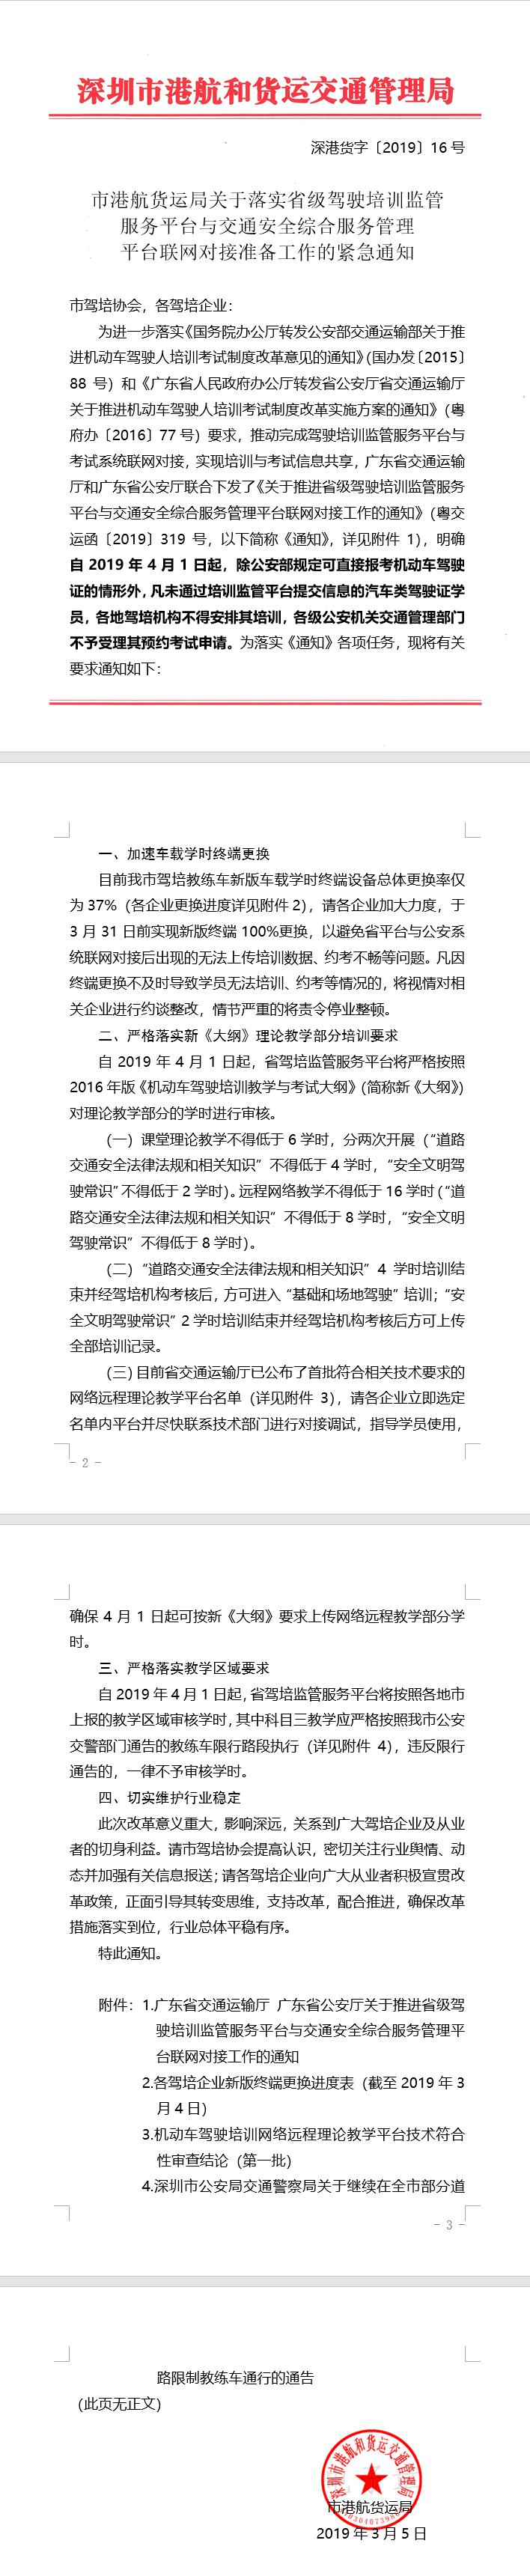 计时贵州快3网投APP.png